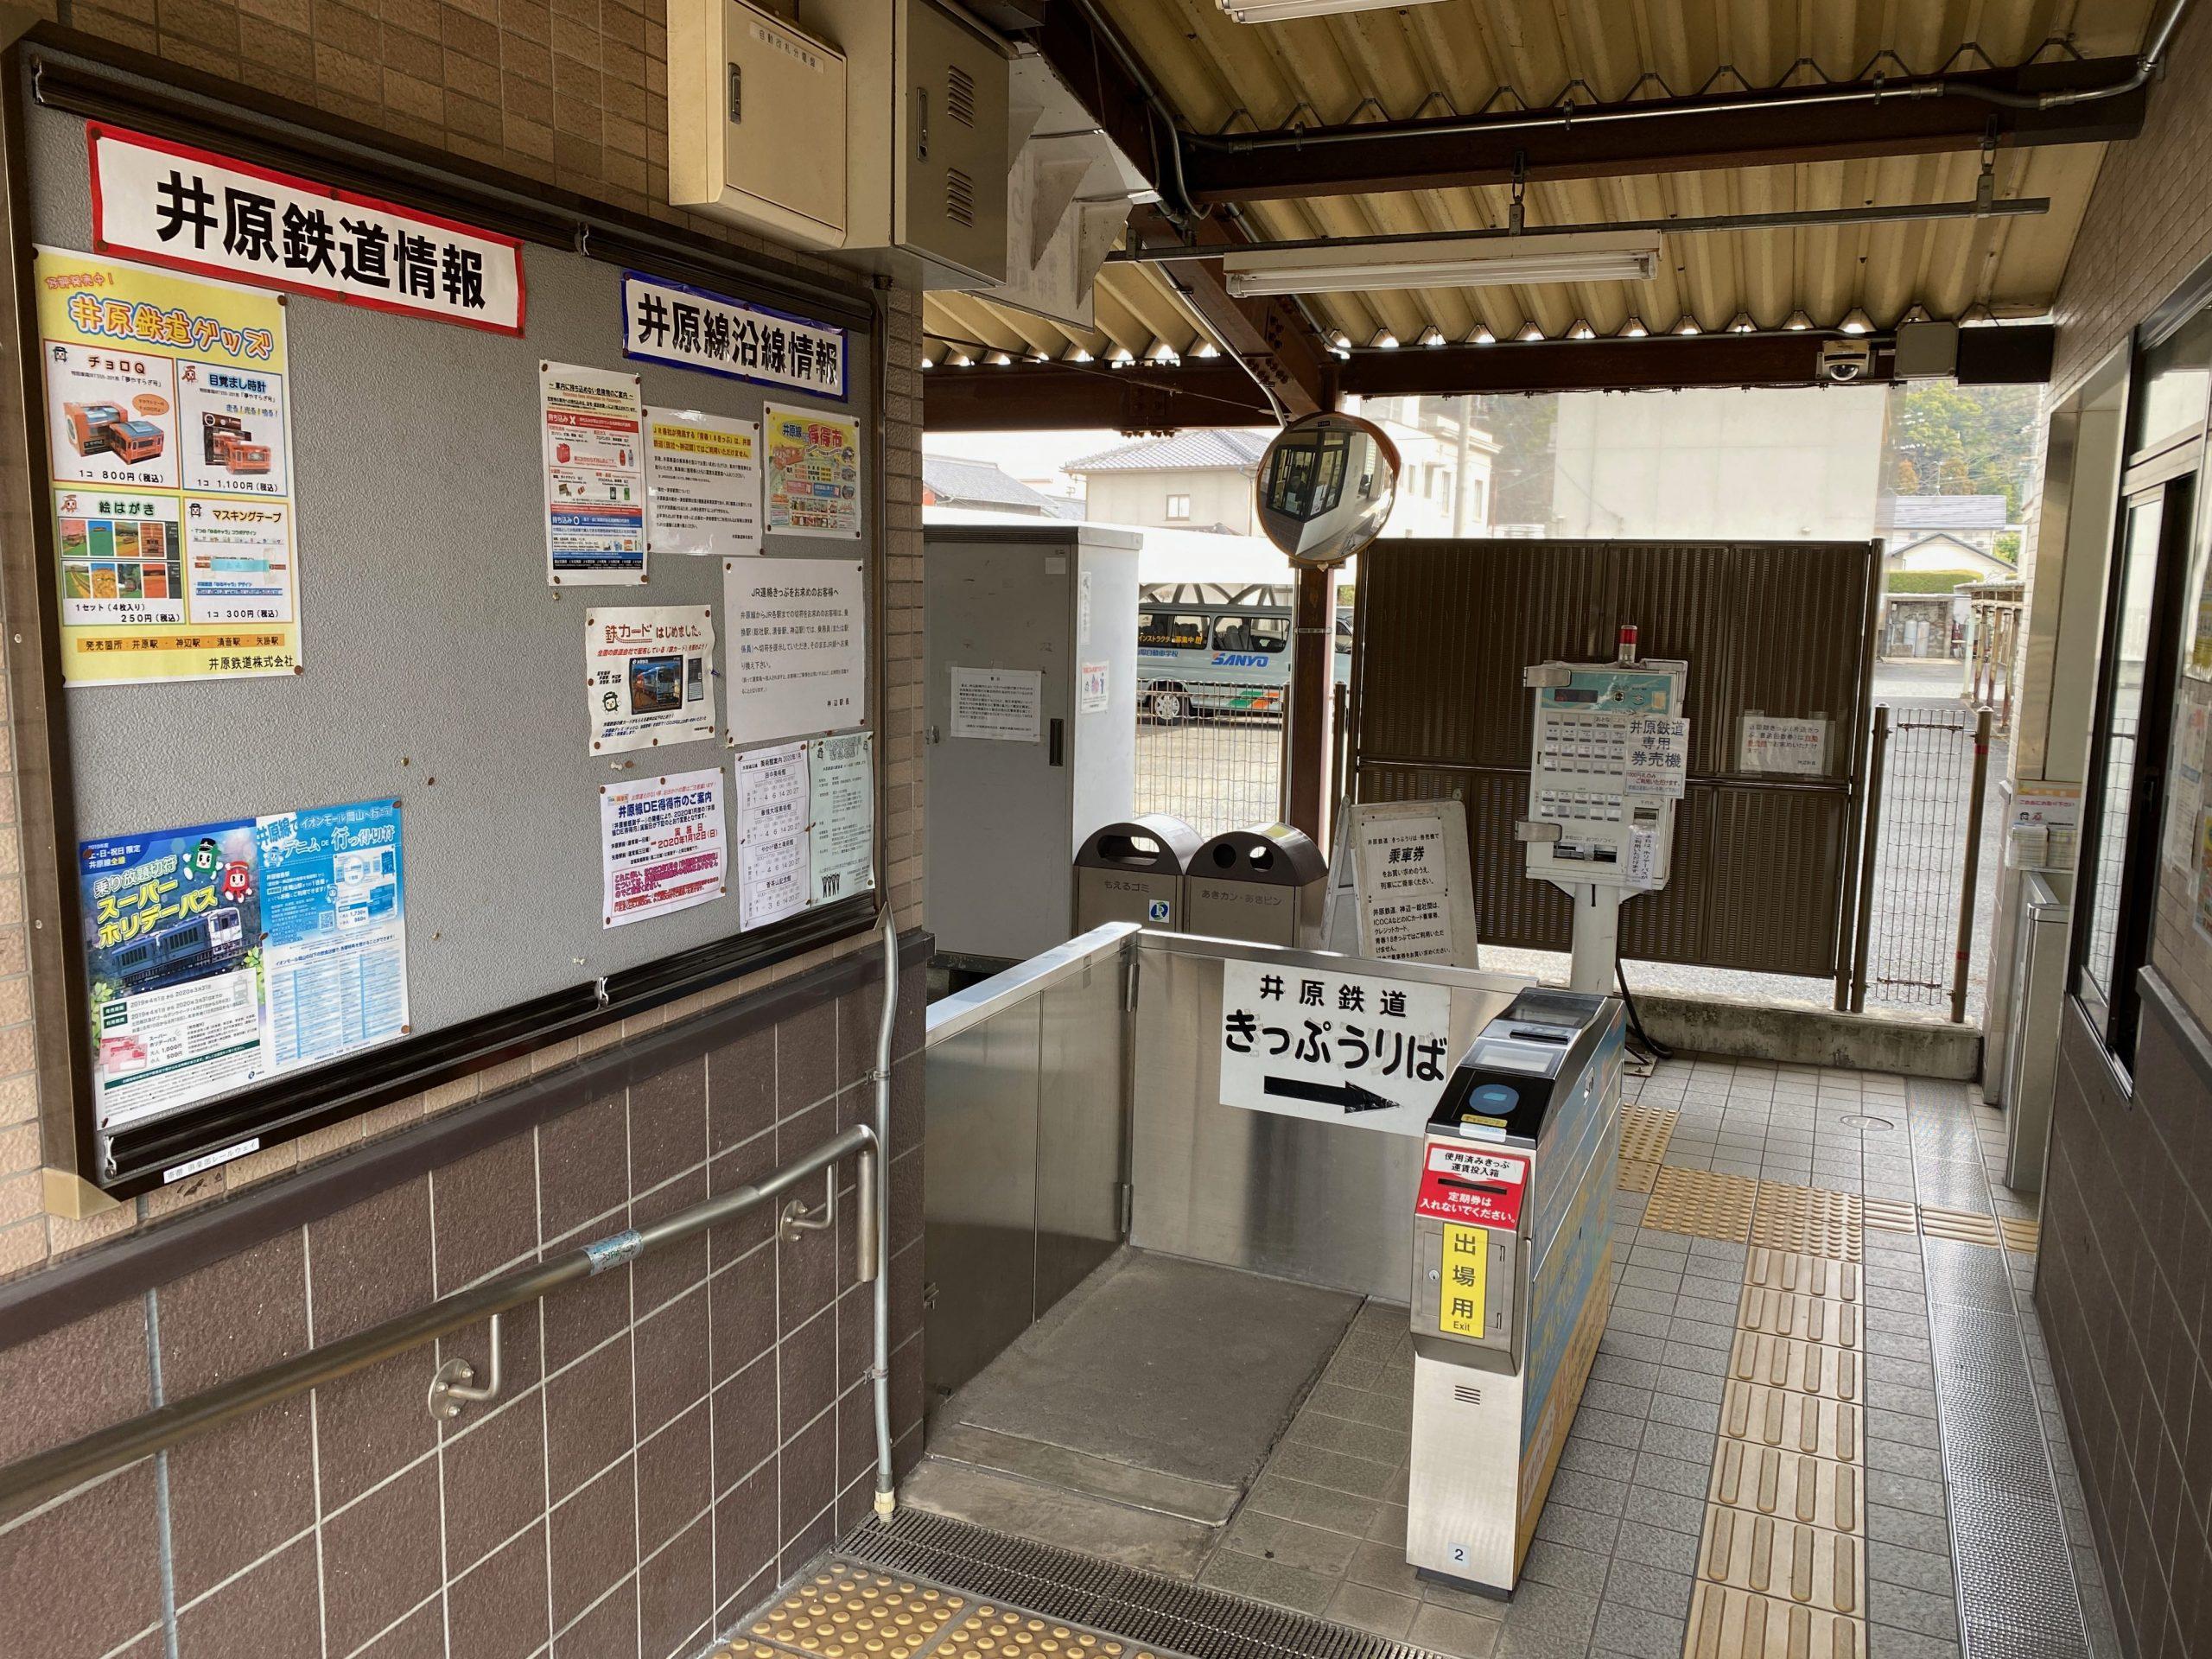 神辺駅乗り換え口